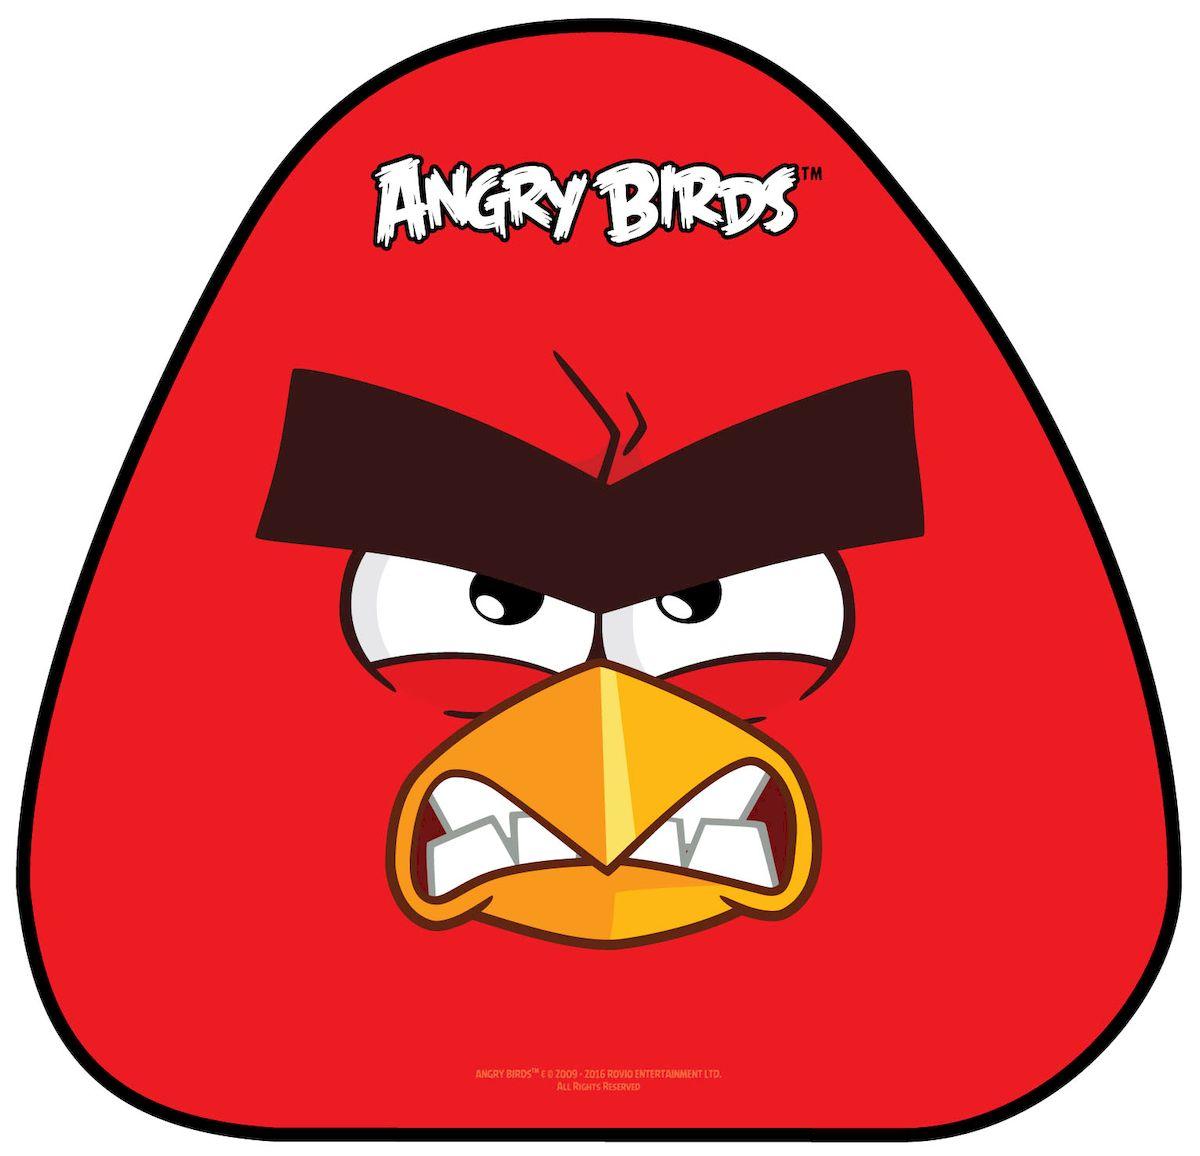 Ледянка 1toy Angry Birds, 52 х 50 смТ59159Ледянка 1toy Angry Birds подойдет для любителей зимних спортивных развлечений. Выполнена из ПВХ. На лицевой стороне имеется изображение птицы из Angry Birds.Зимние игры на свежем воздухе. Статья OZON Гид